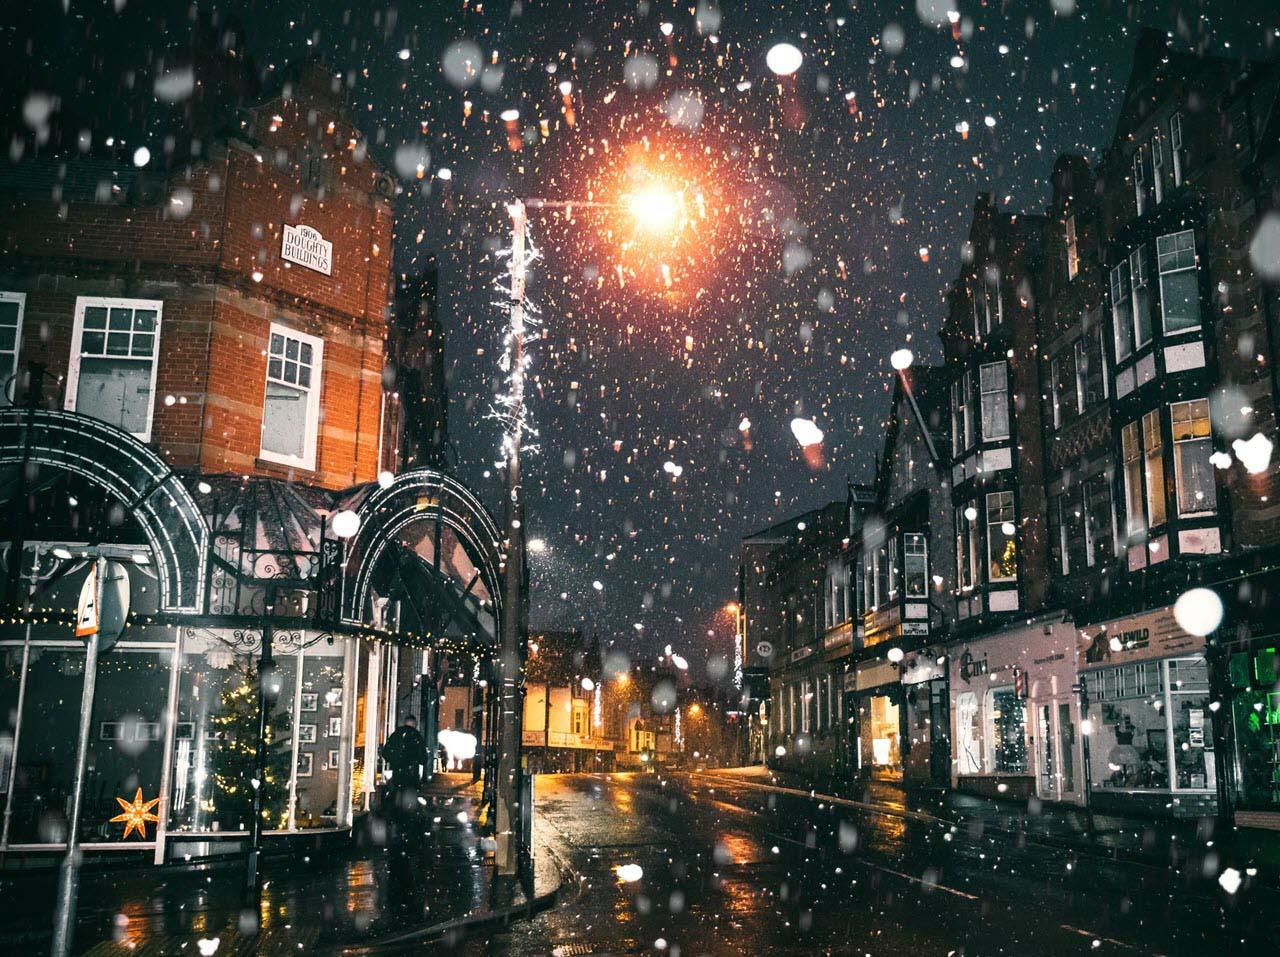 Hình ảnh đêm mùa đông buồn